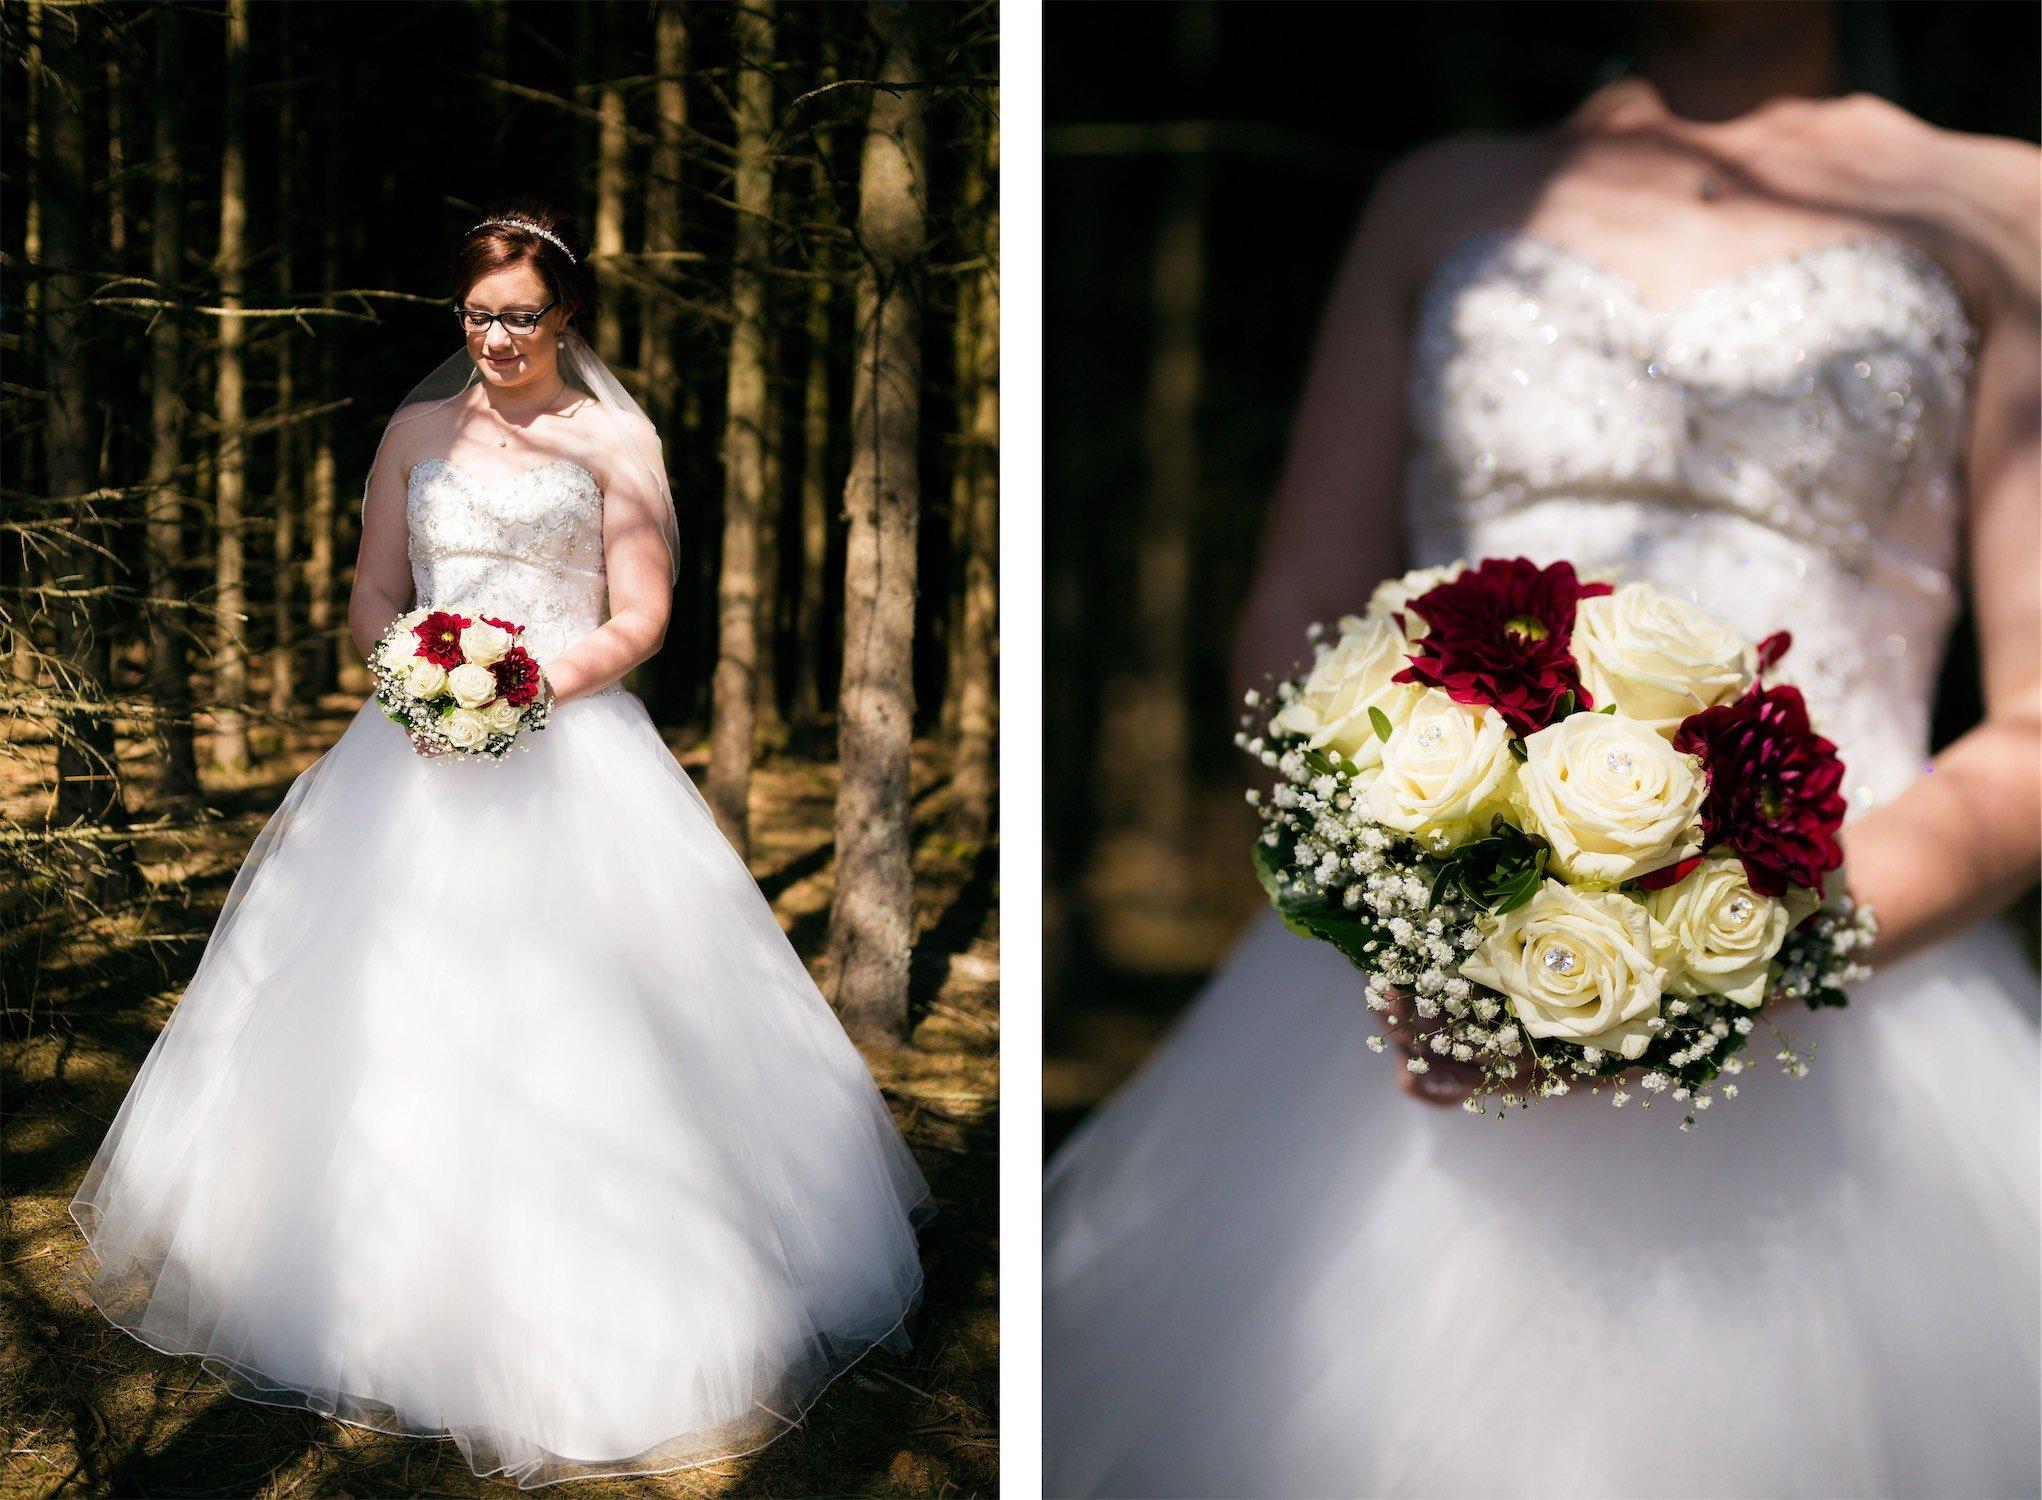 Fotos der Braut im Wald von Breidenbach-Wiesenbach